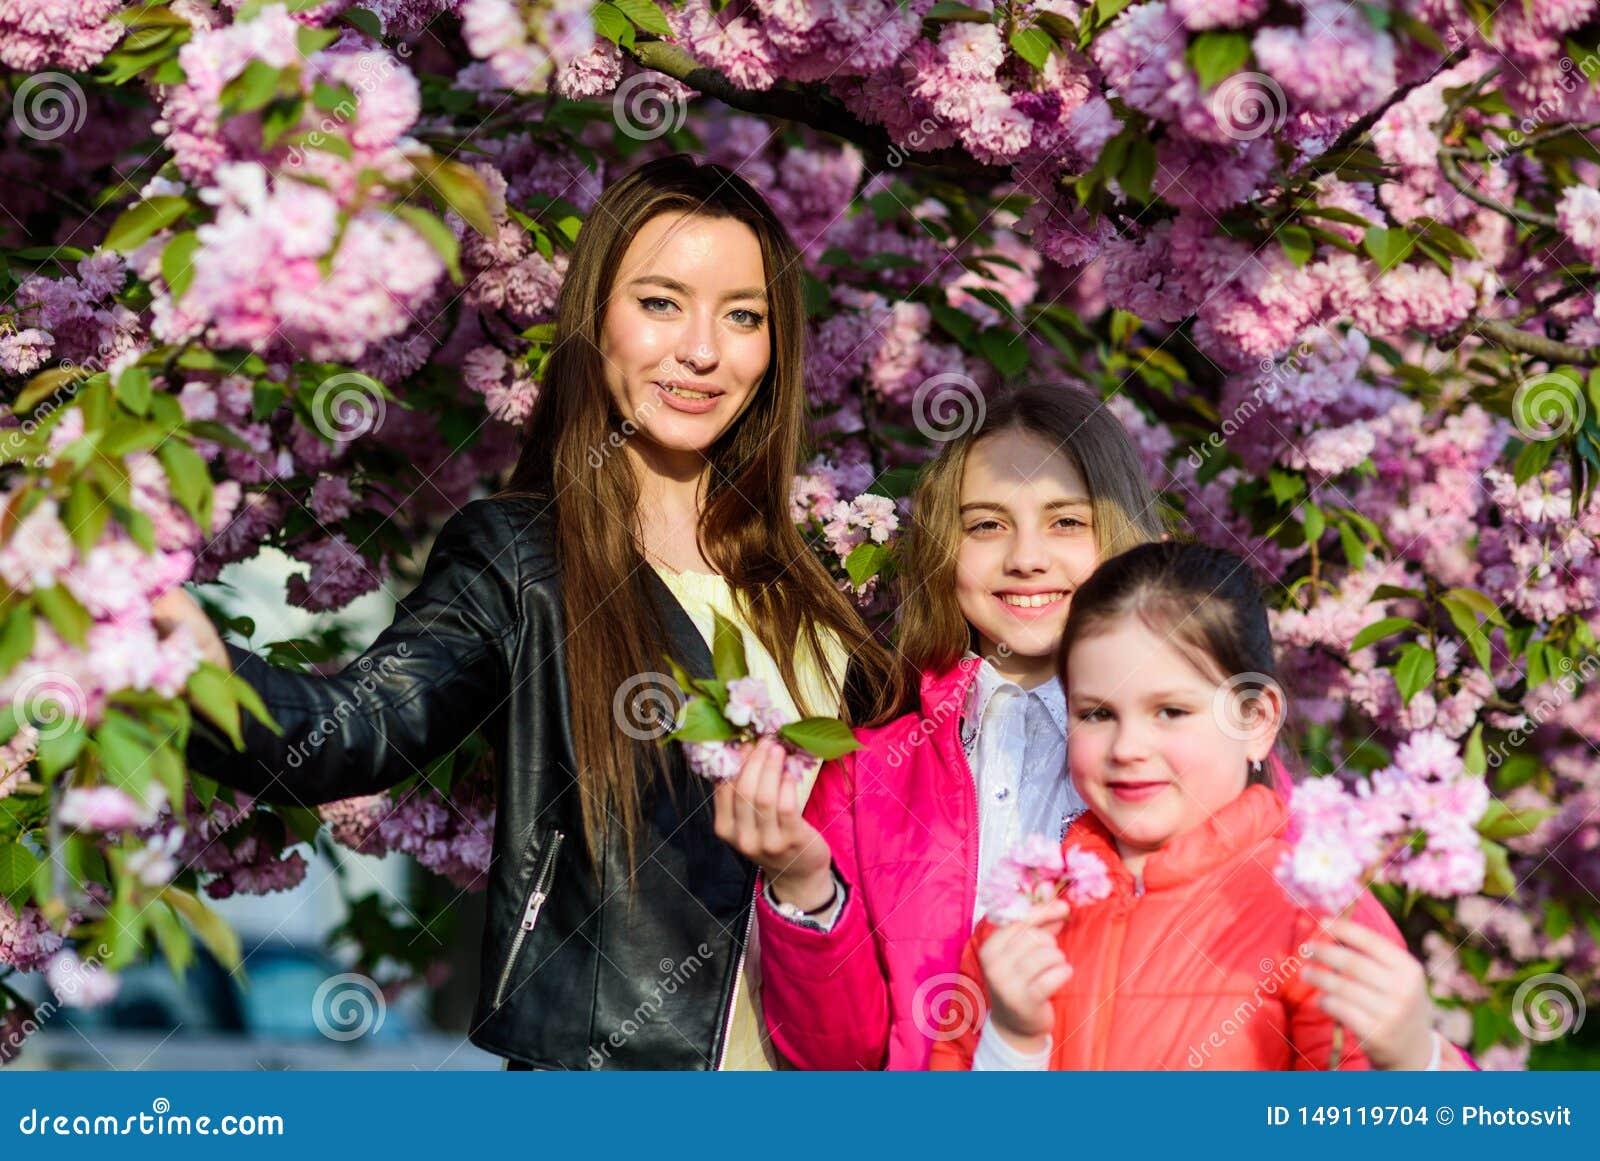 Предпосылка цветка вишни девушек Каникулы весны Семья около дня нежного цветеня солнечного Концепция цветка Сакуры Парк и